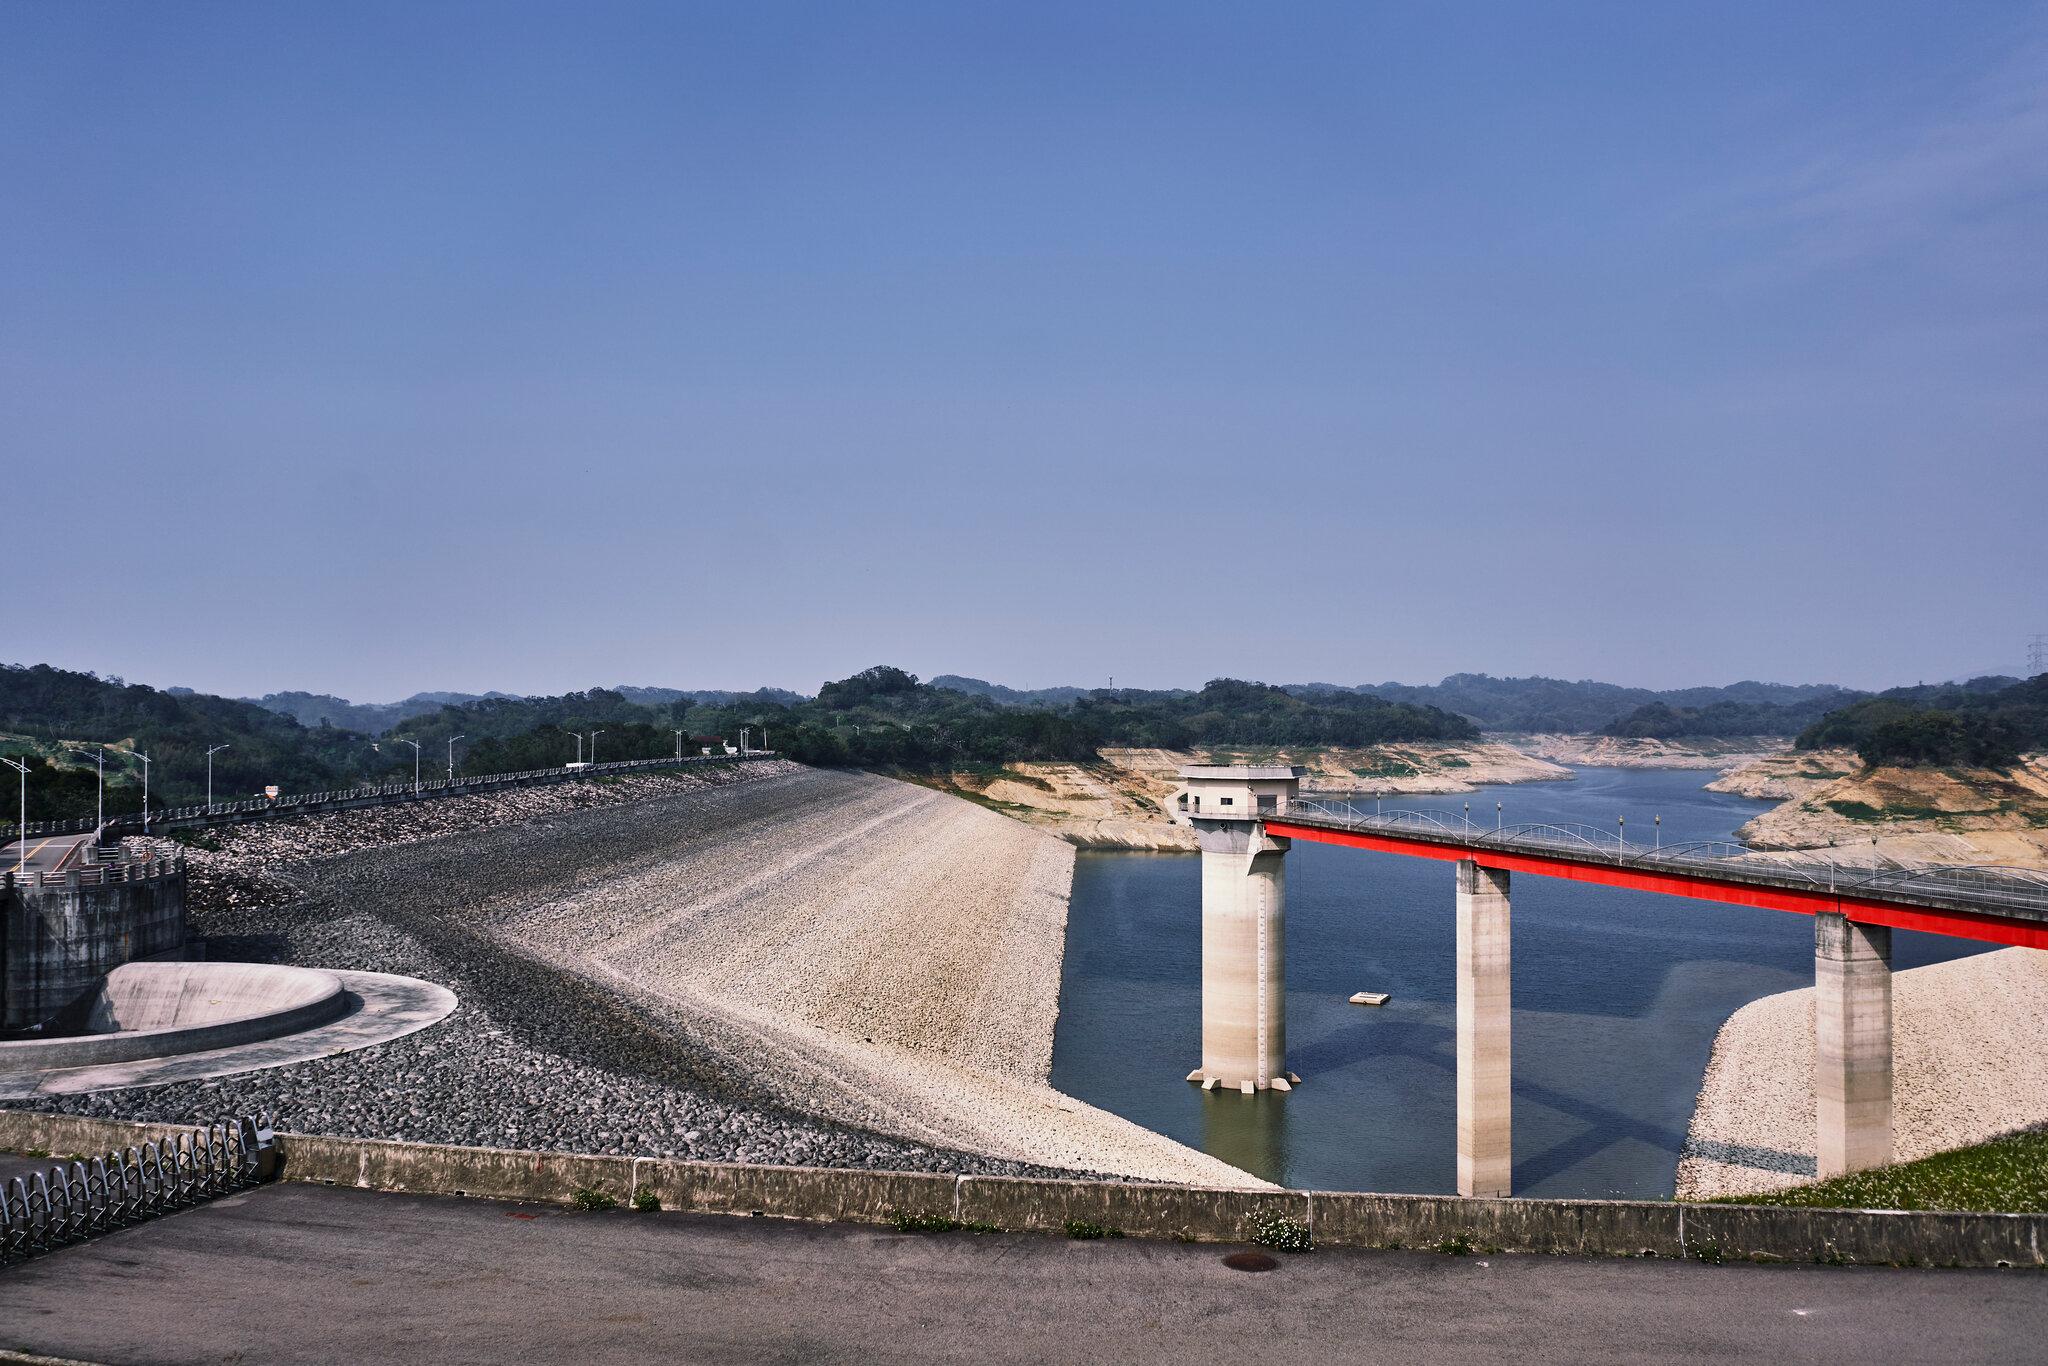 Chọn chip hay chọn lúa: Câu hỏi đang khiến Đài Loan phải đau đầu - Ảnh 8.